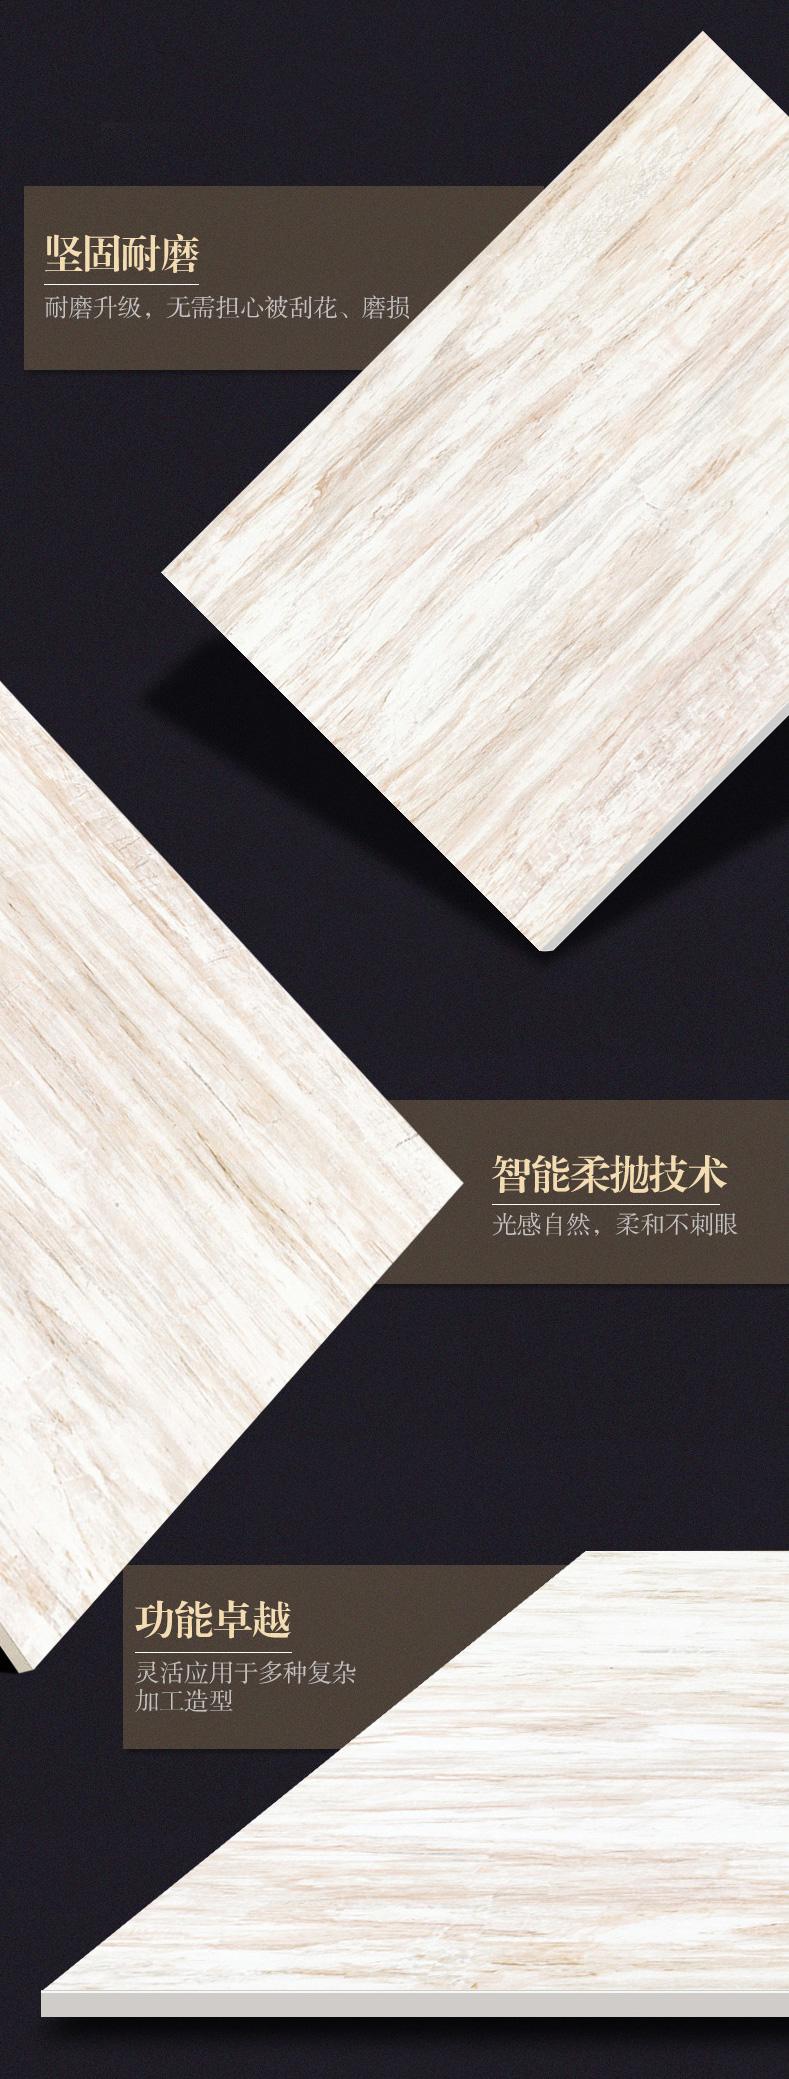 简一大理石瓷砖-翡翠木纹_10.jpg